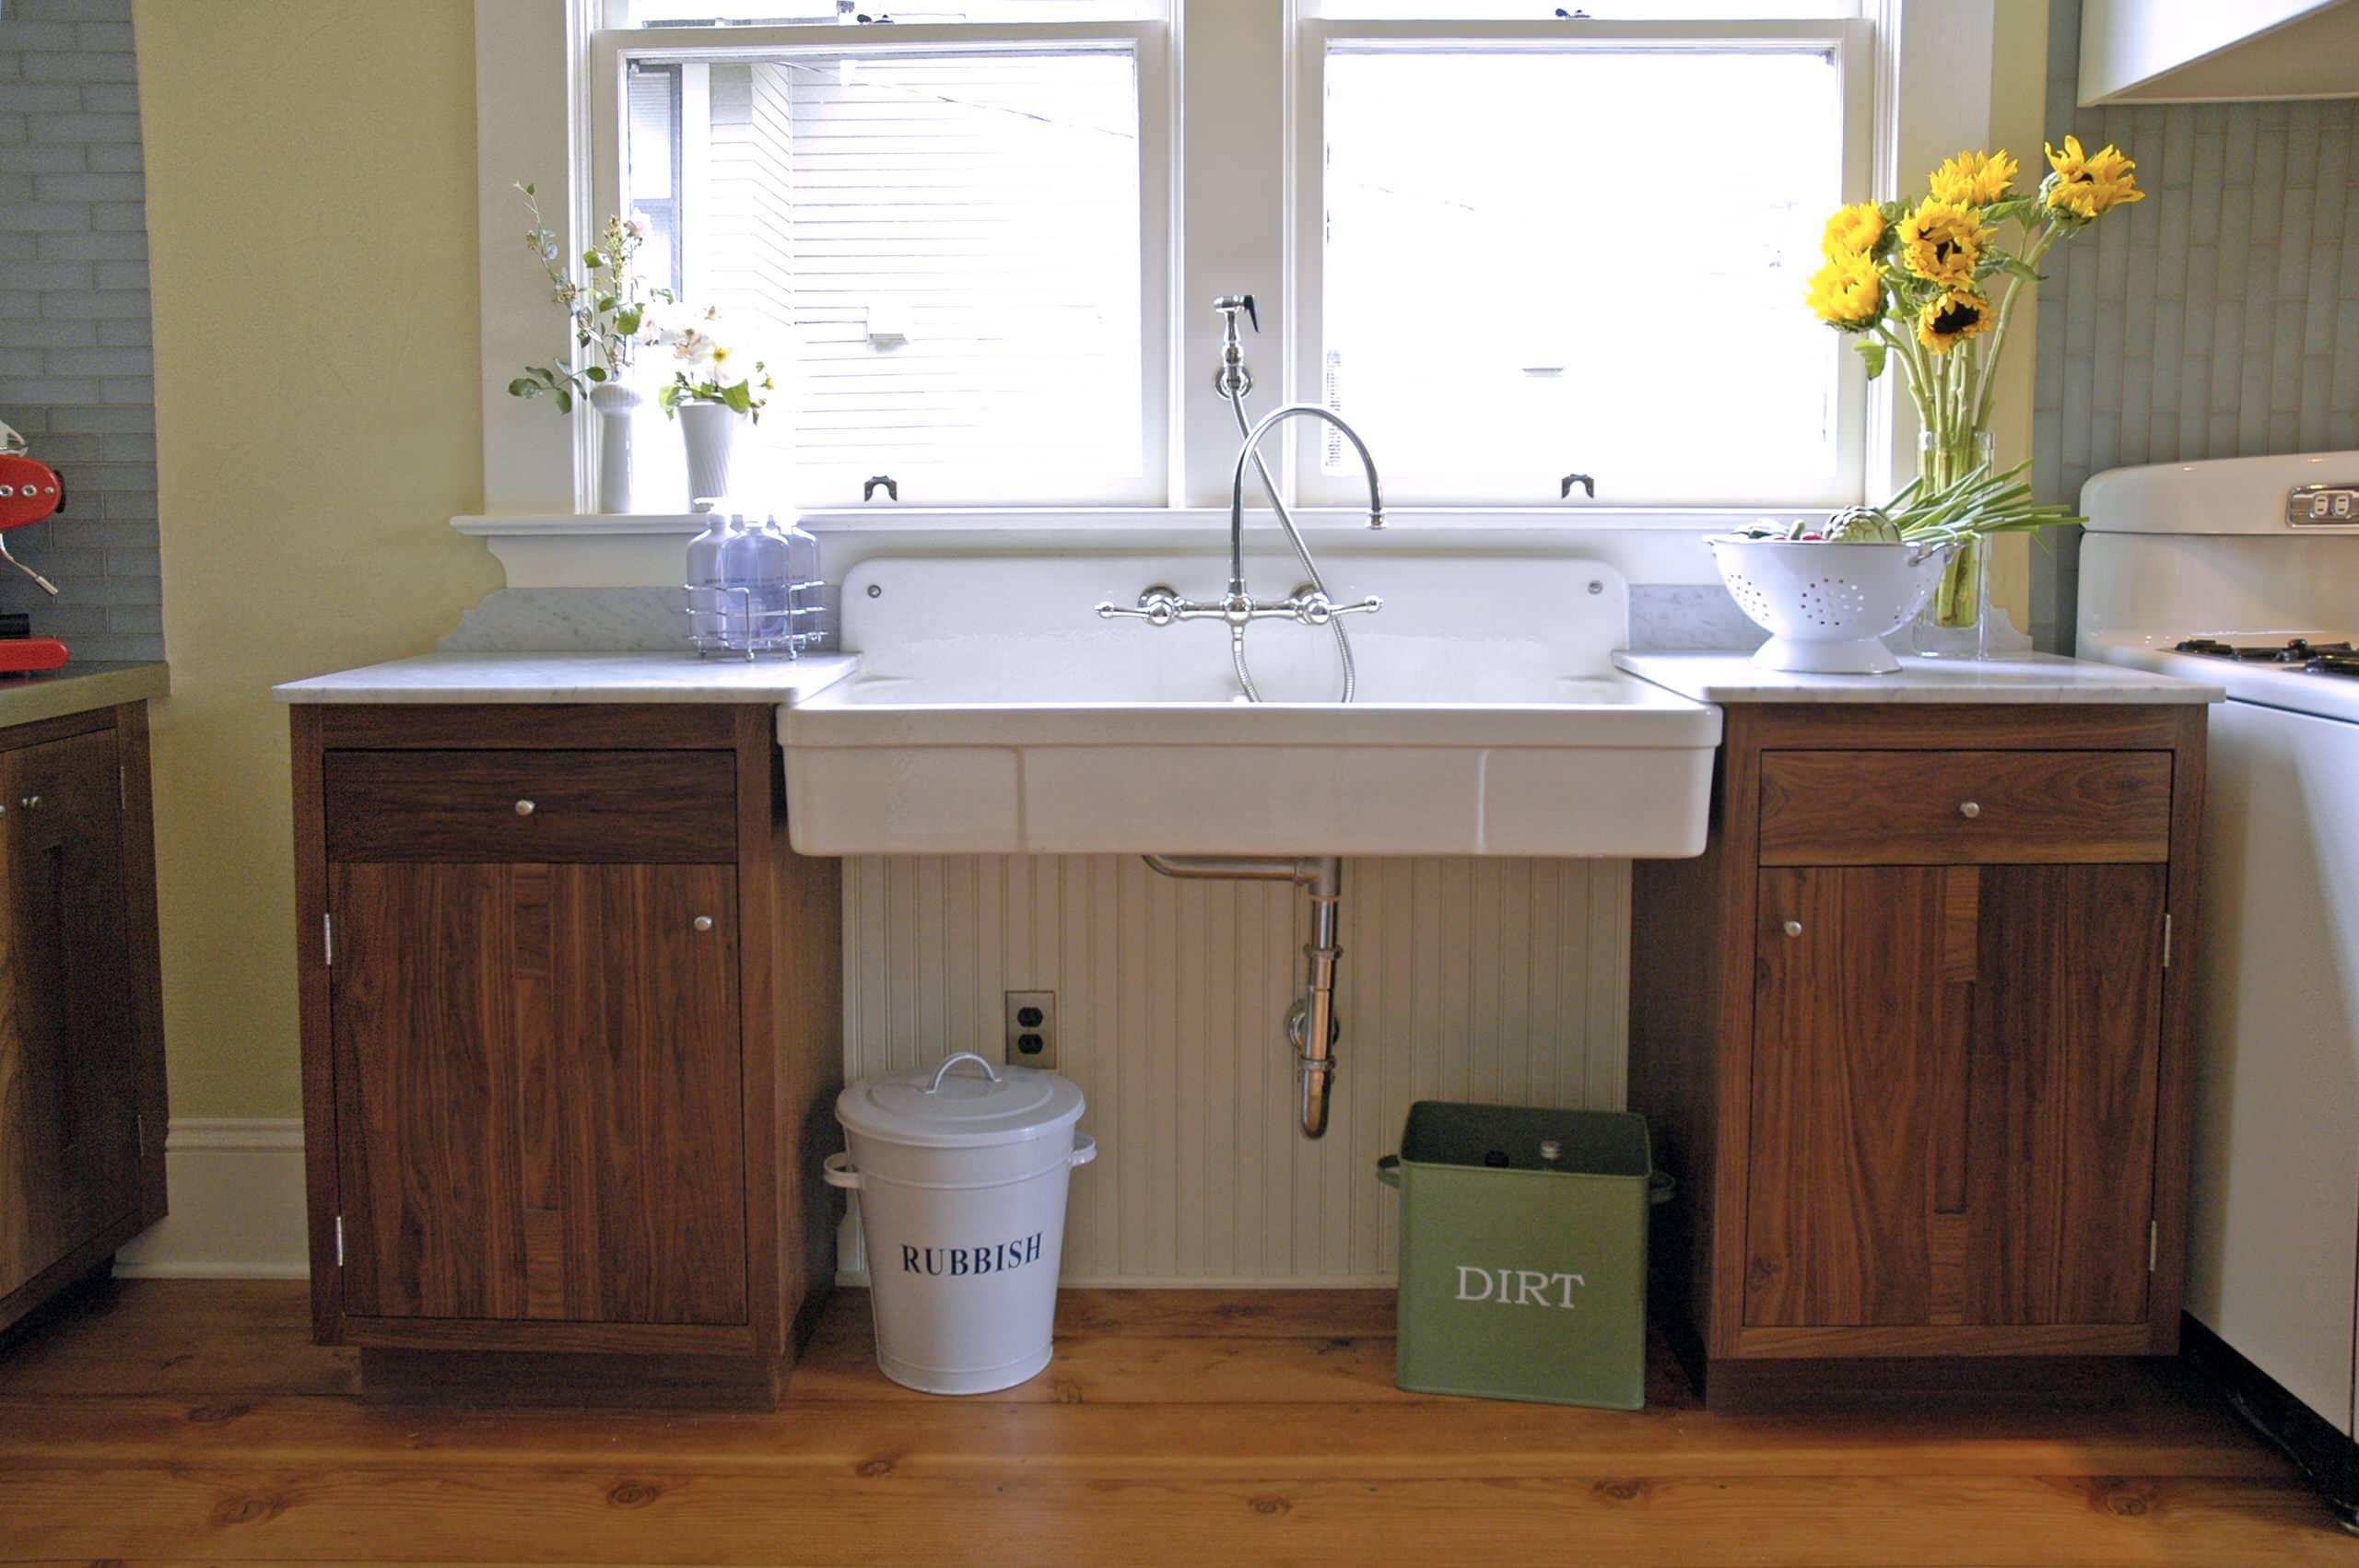 freestanding sink kitchen ideas